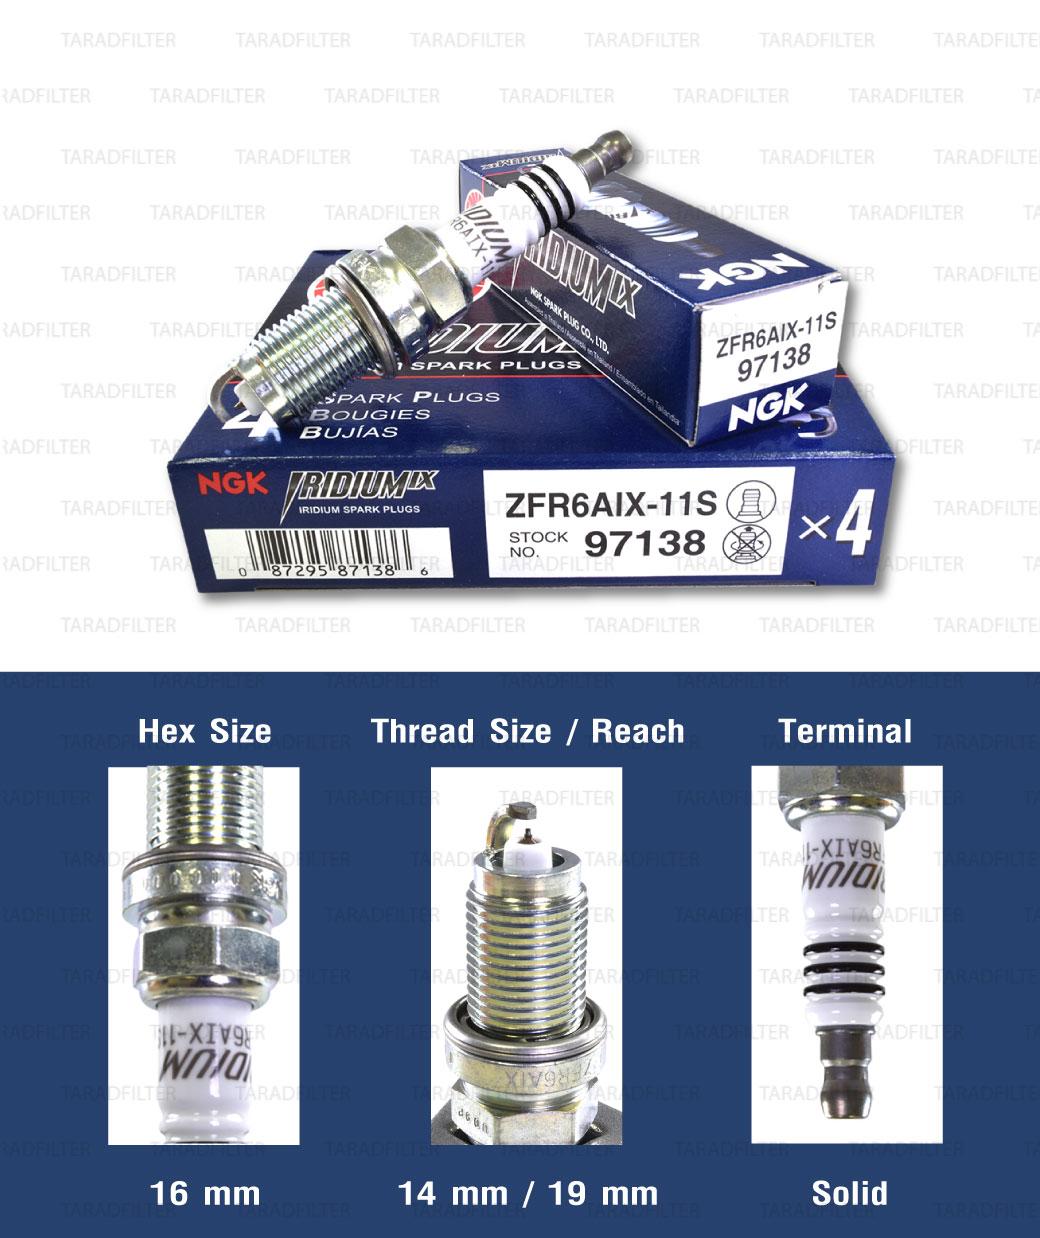 หัวเทียน NGK ZFR6FIX-11S ขั้ว Iridium ใช้สำหรับ Honda Civic Dimension, Accord V6, CRV 2.0,2.4, New CRV, New ODYSSEY, Chevrolet Cruze 1.8